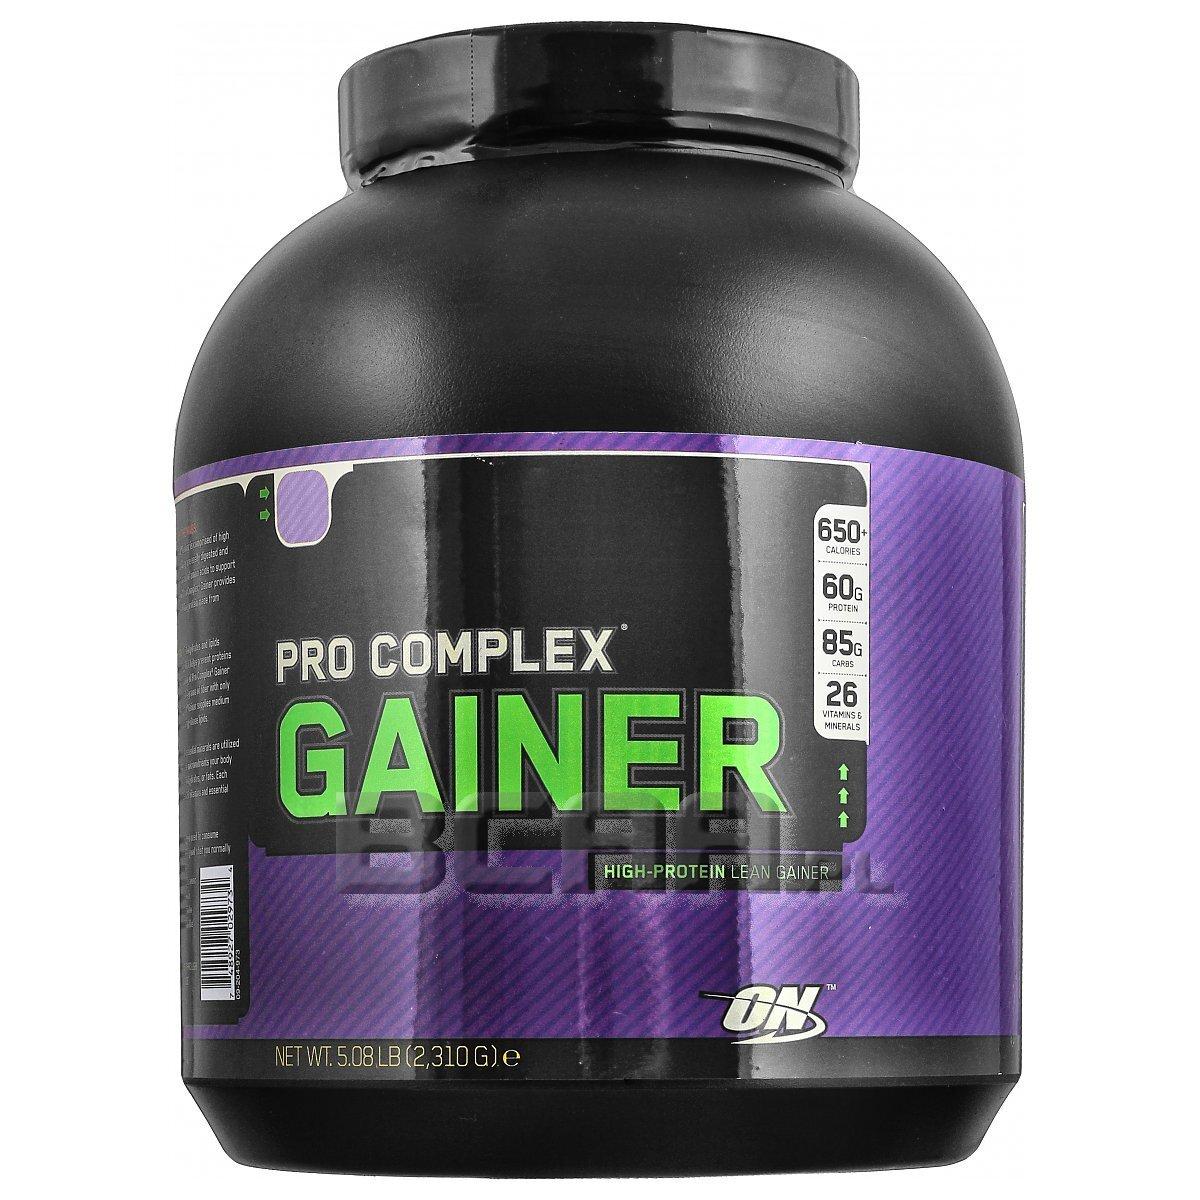 Pro Complex Gainer Optimum Nutrition 2310g Wyprzedaż ...